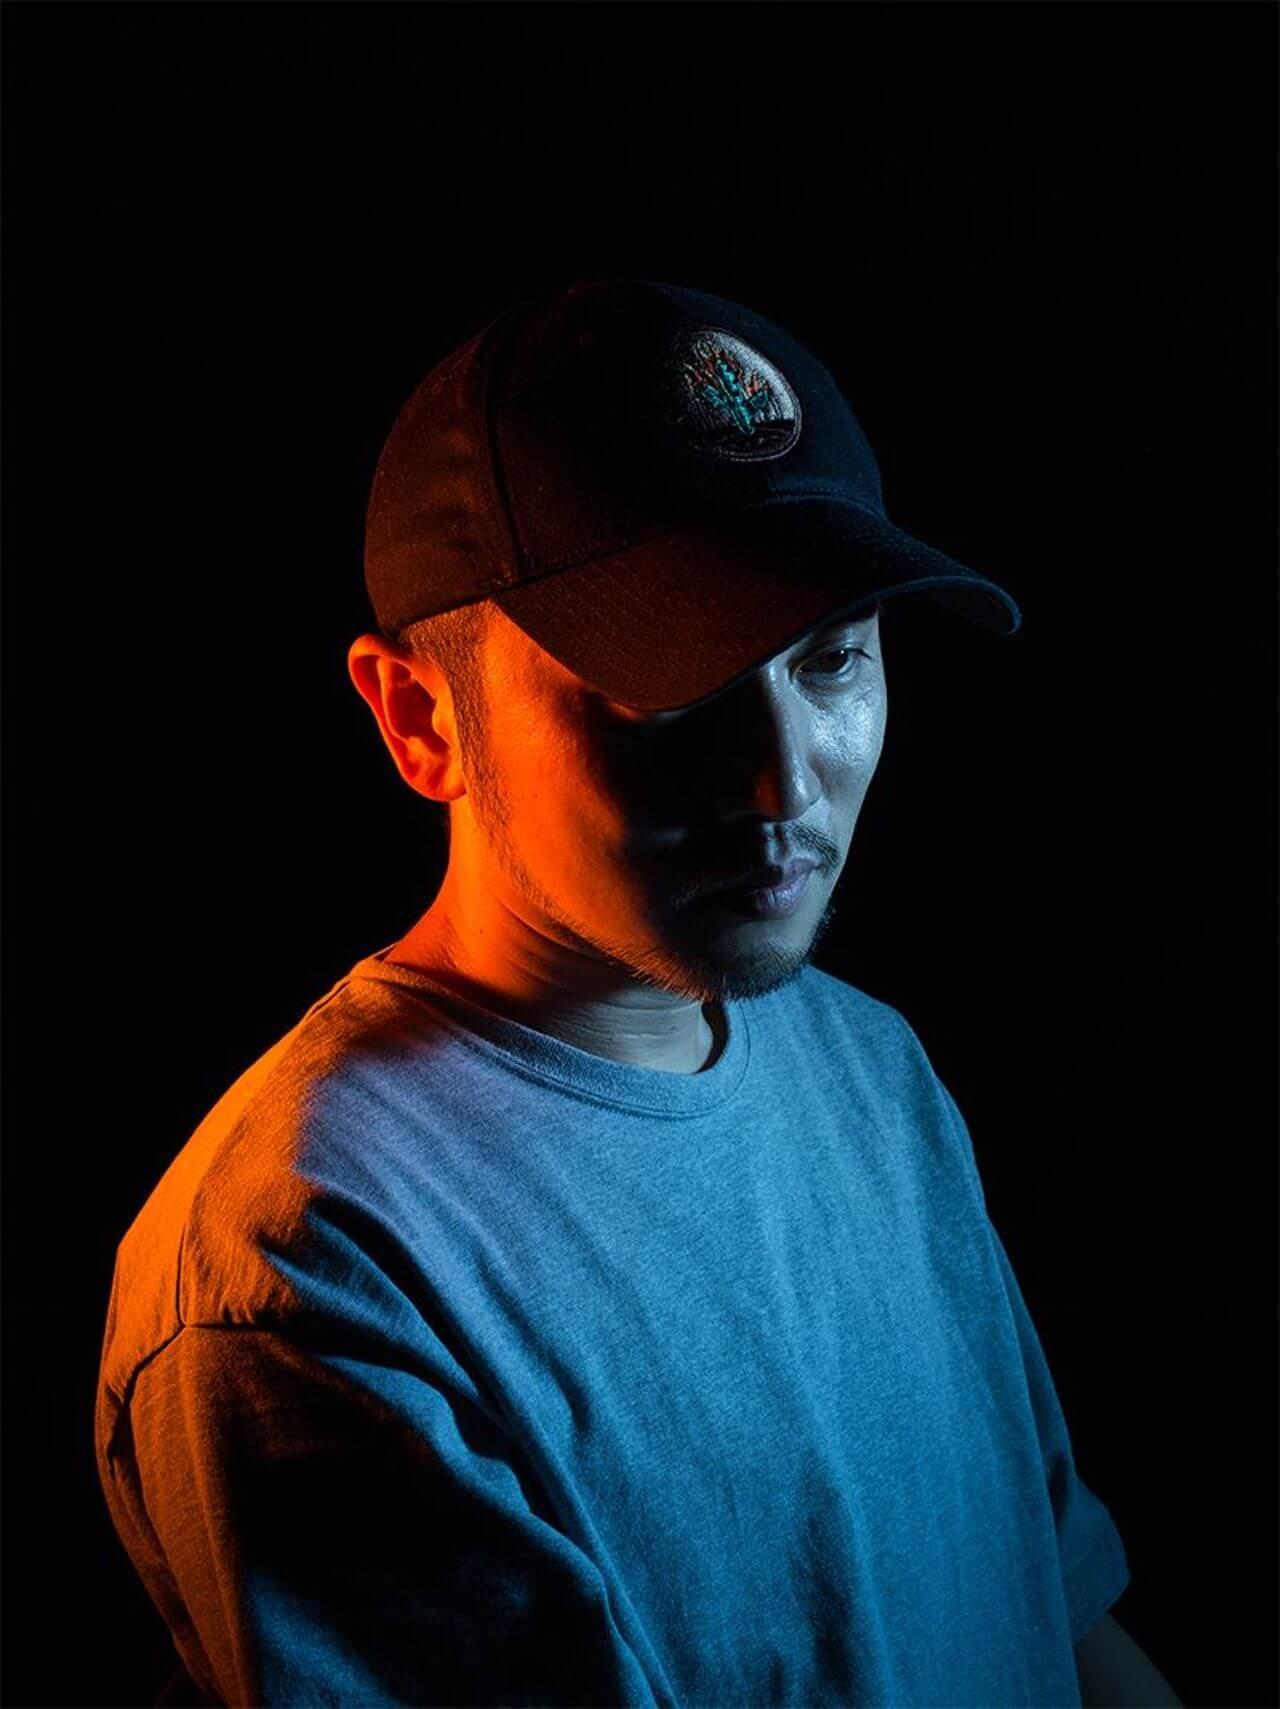 TONANの1stソロアルバム『DURATION』からCampanella、ERAが参加した「Yours(Prod. GREEN ASSASSIN DOLLAR)」のMVが公開 music200313-tonan-2